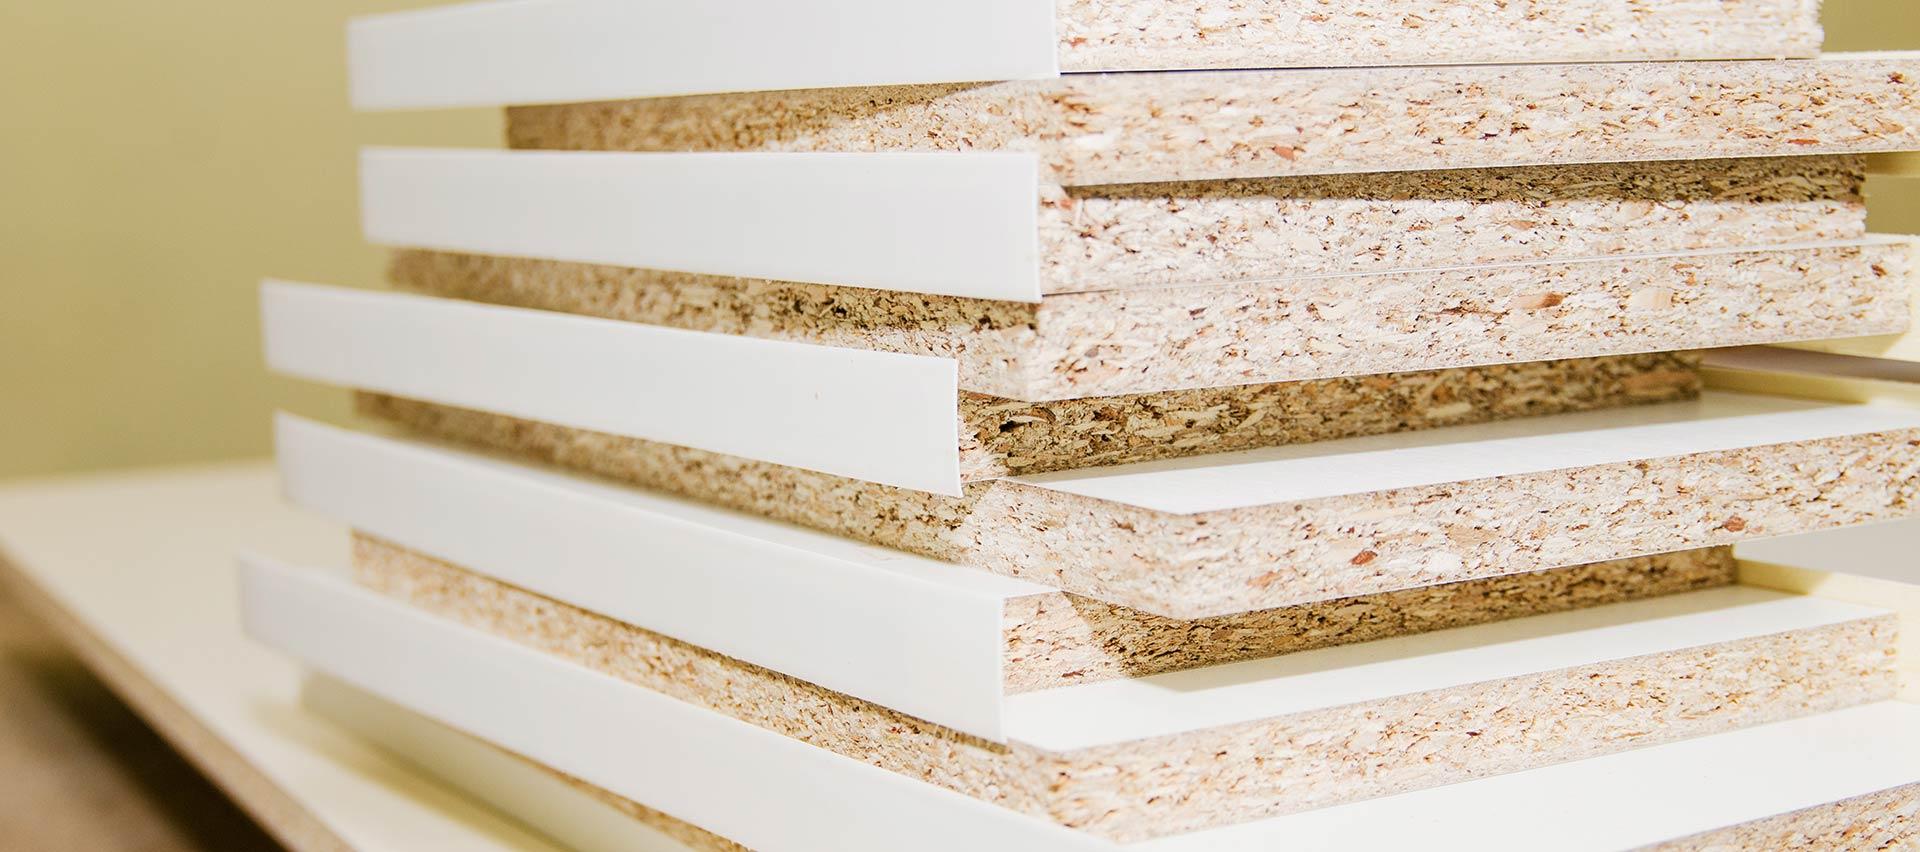 Bauen mit beschichteten Spanplatten von Holz-Hauff in Leingarten